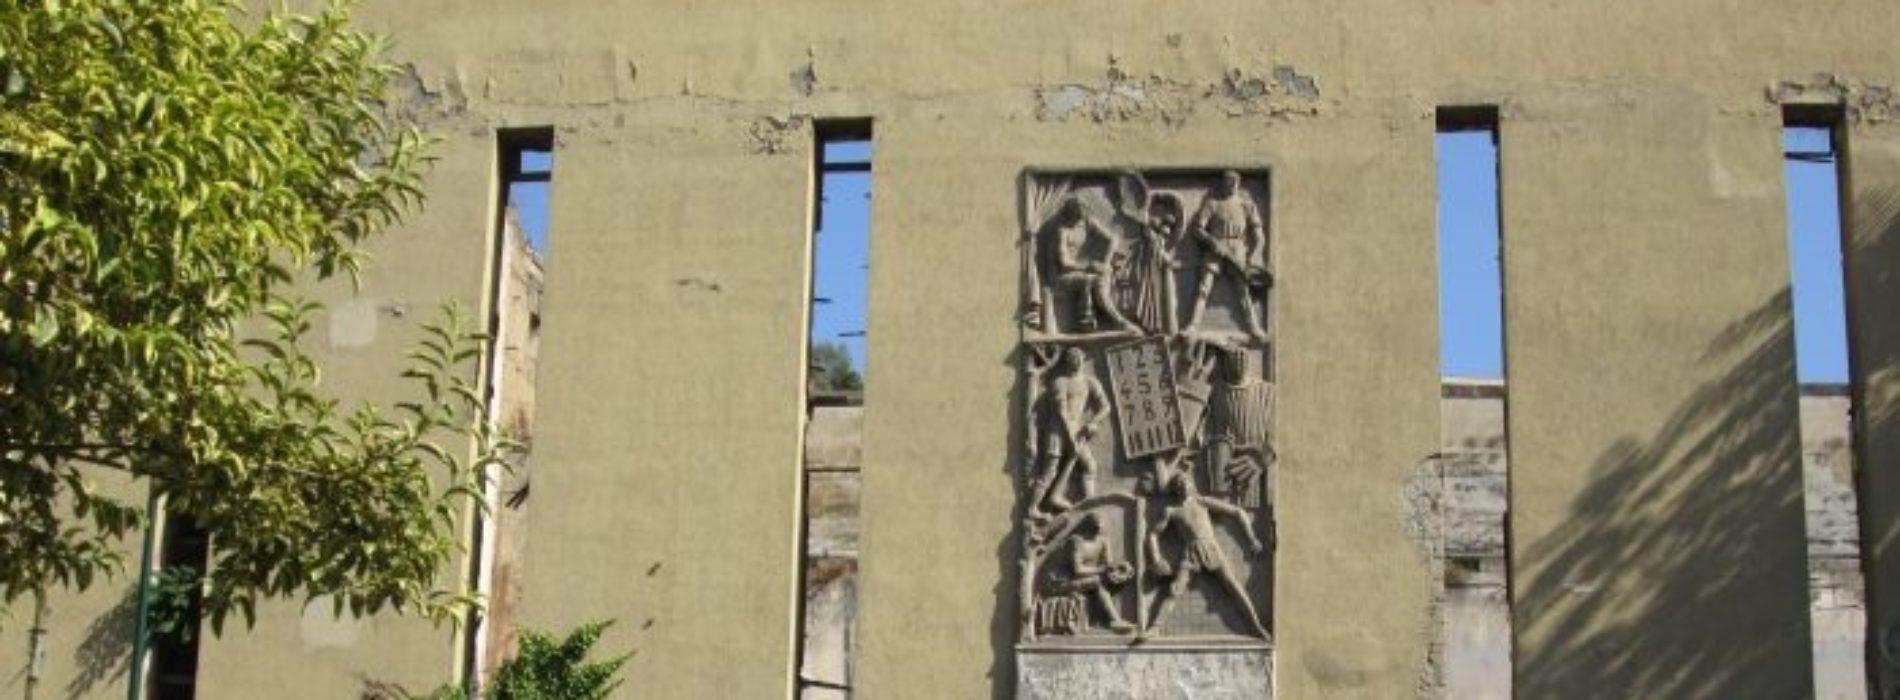 Lo Sferisterio: storia di un luogo fatto di passione e sport